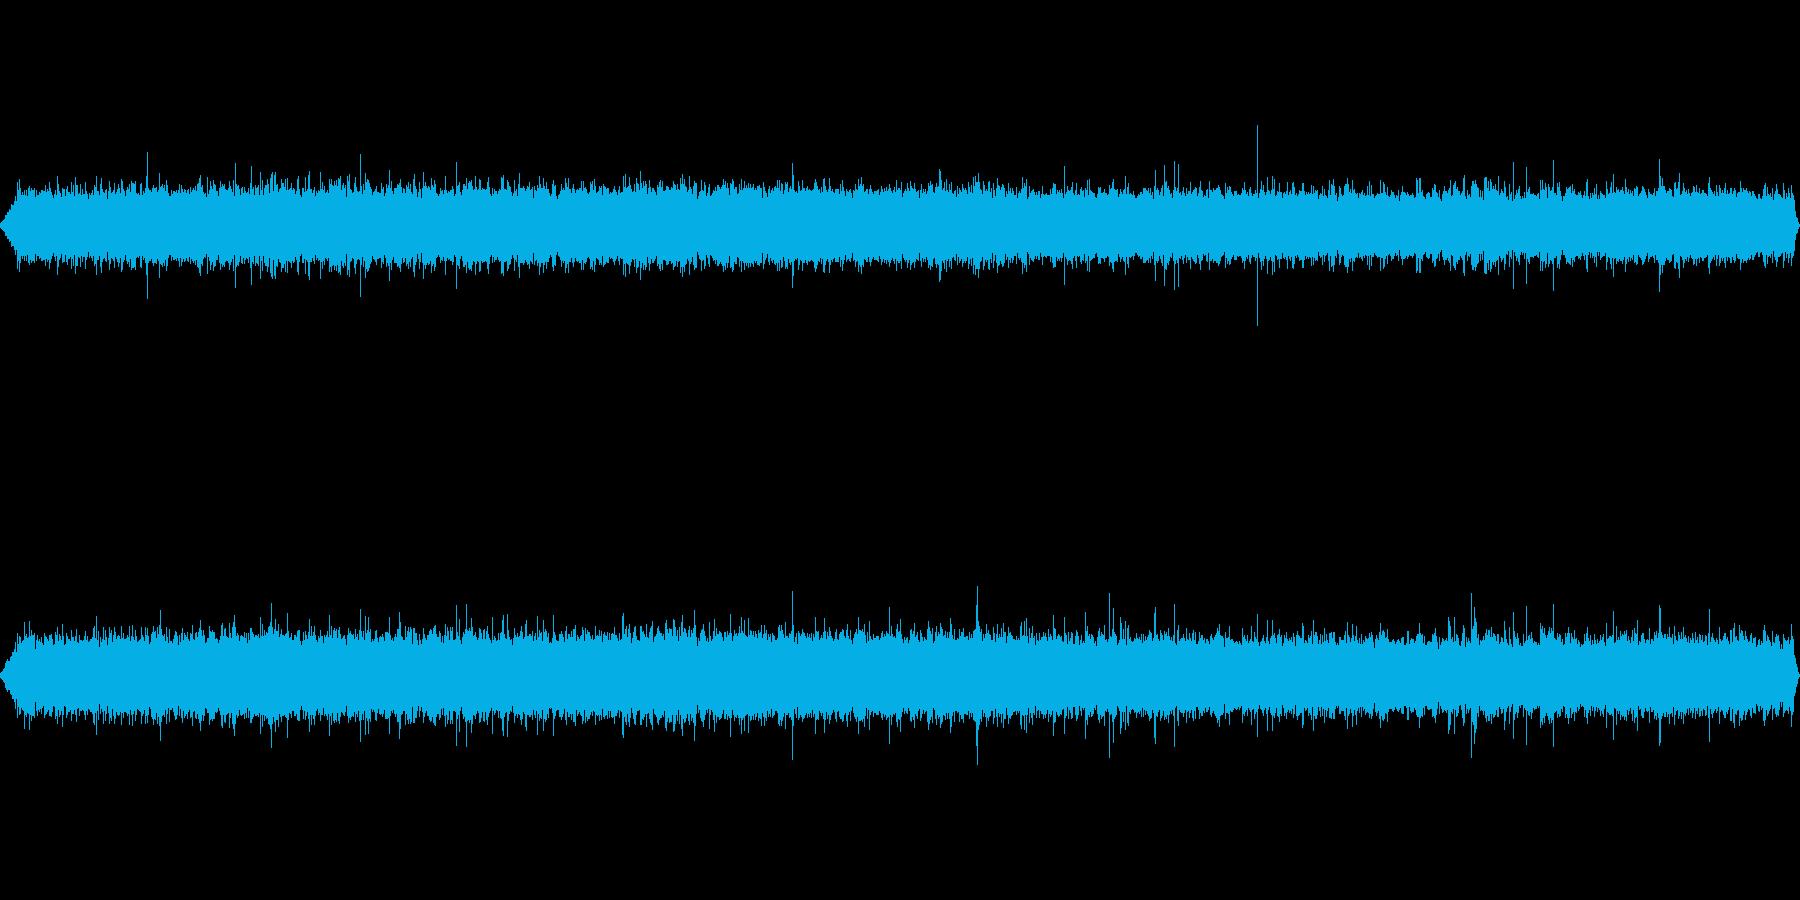 雨の音【イメージ:バス停の待合所】の再生済みの波形